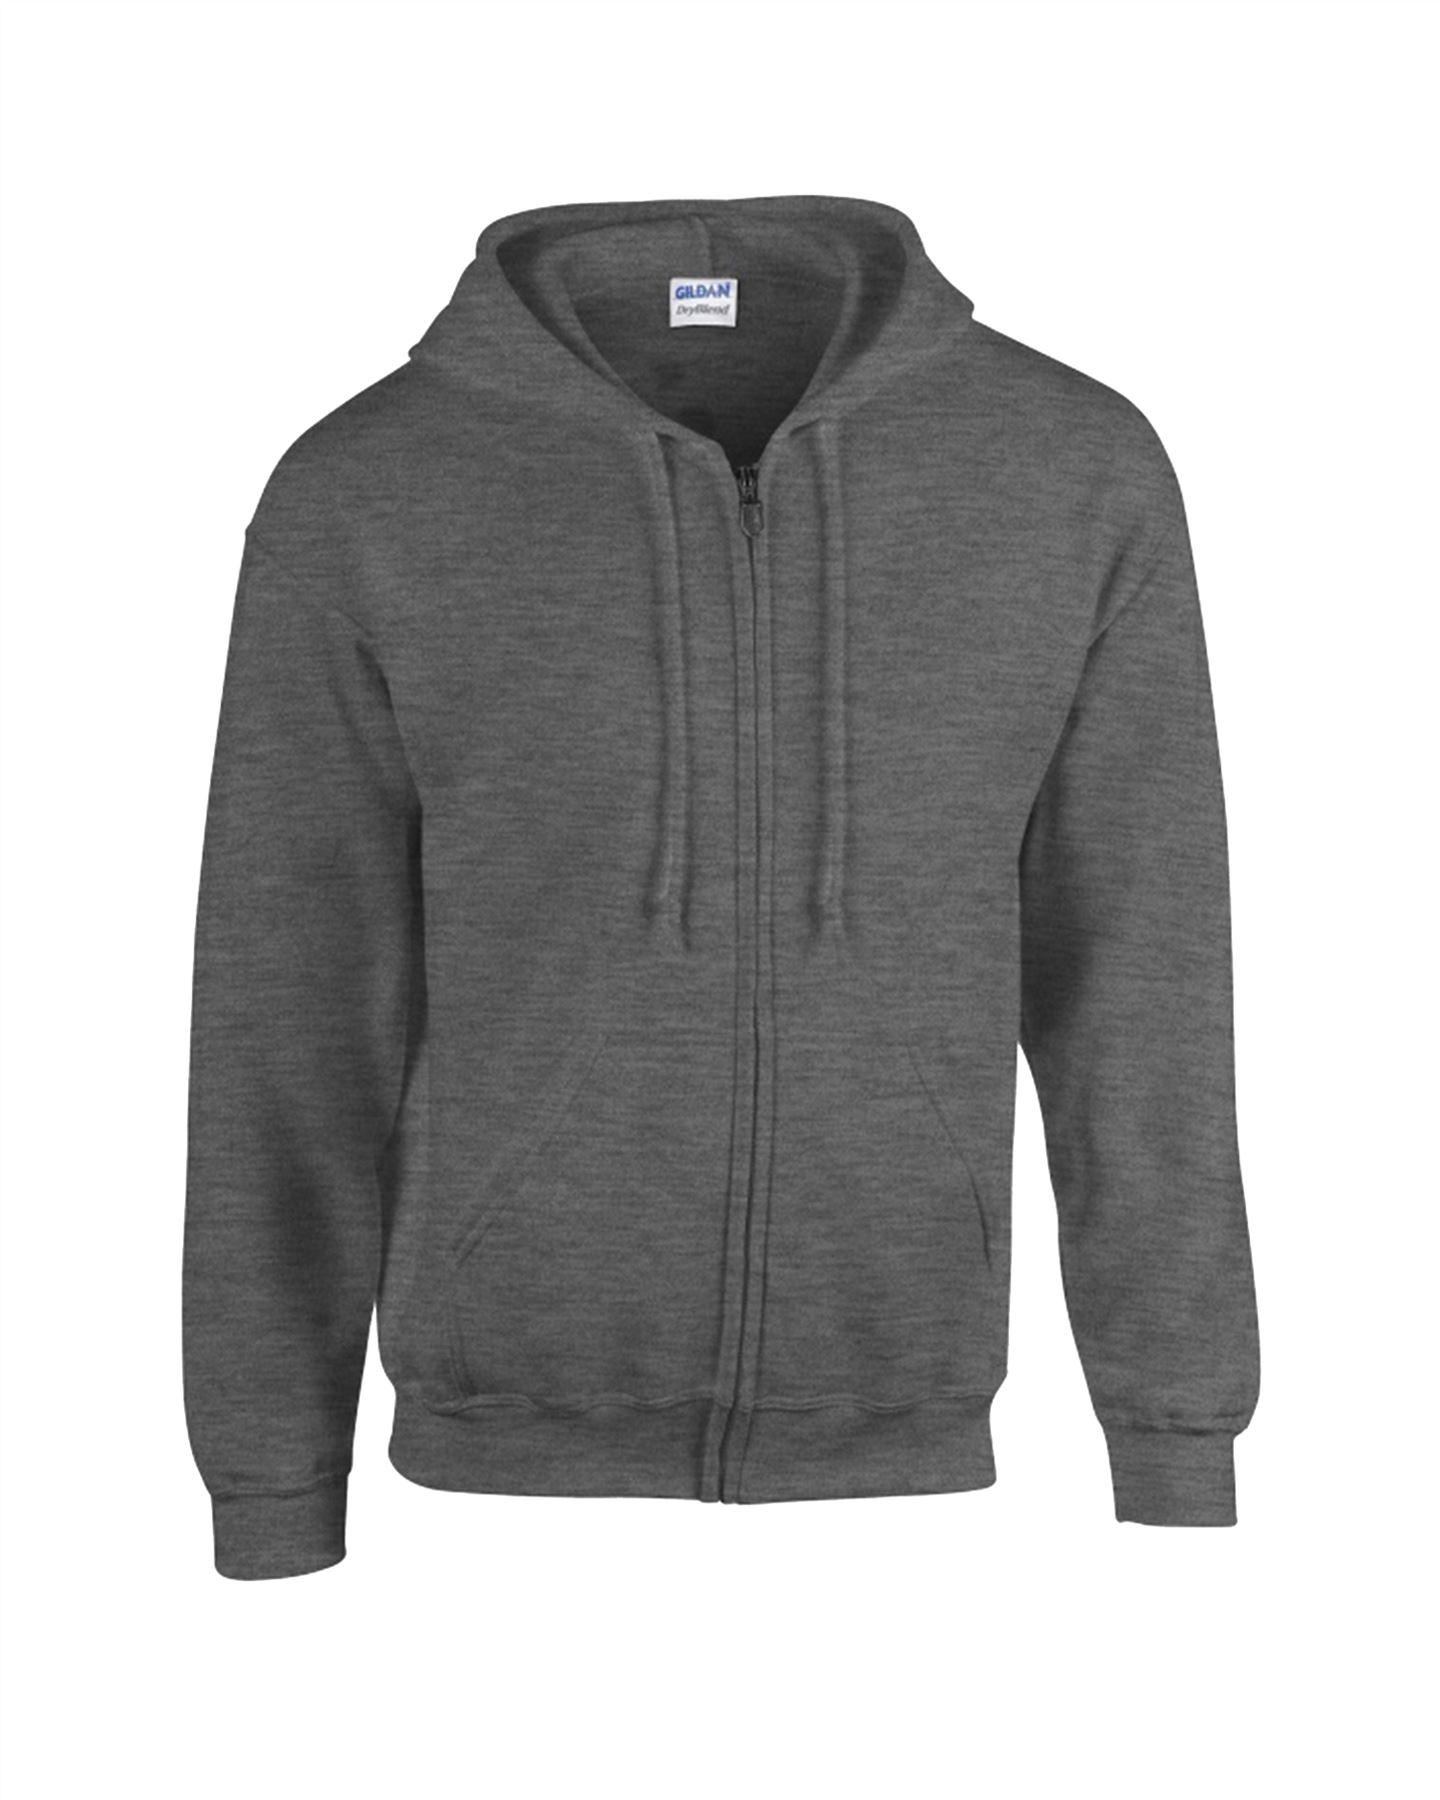 23c4d55b GILDAN Mens Kids Heavy Blend Full Zip Hooded Vintage SweatShirt ...